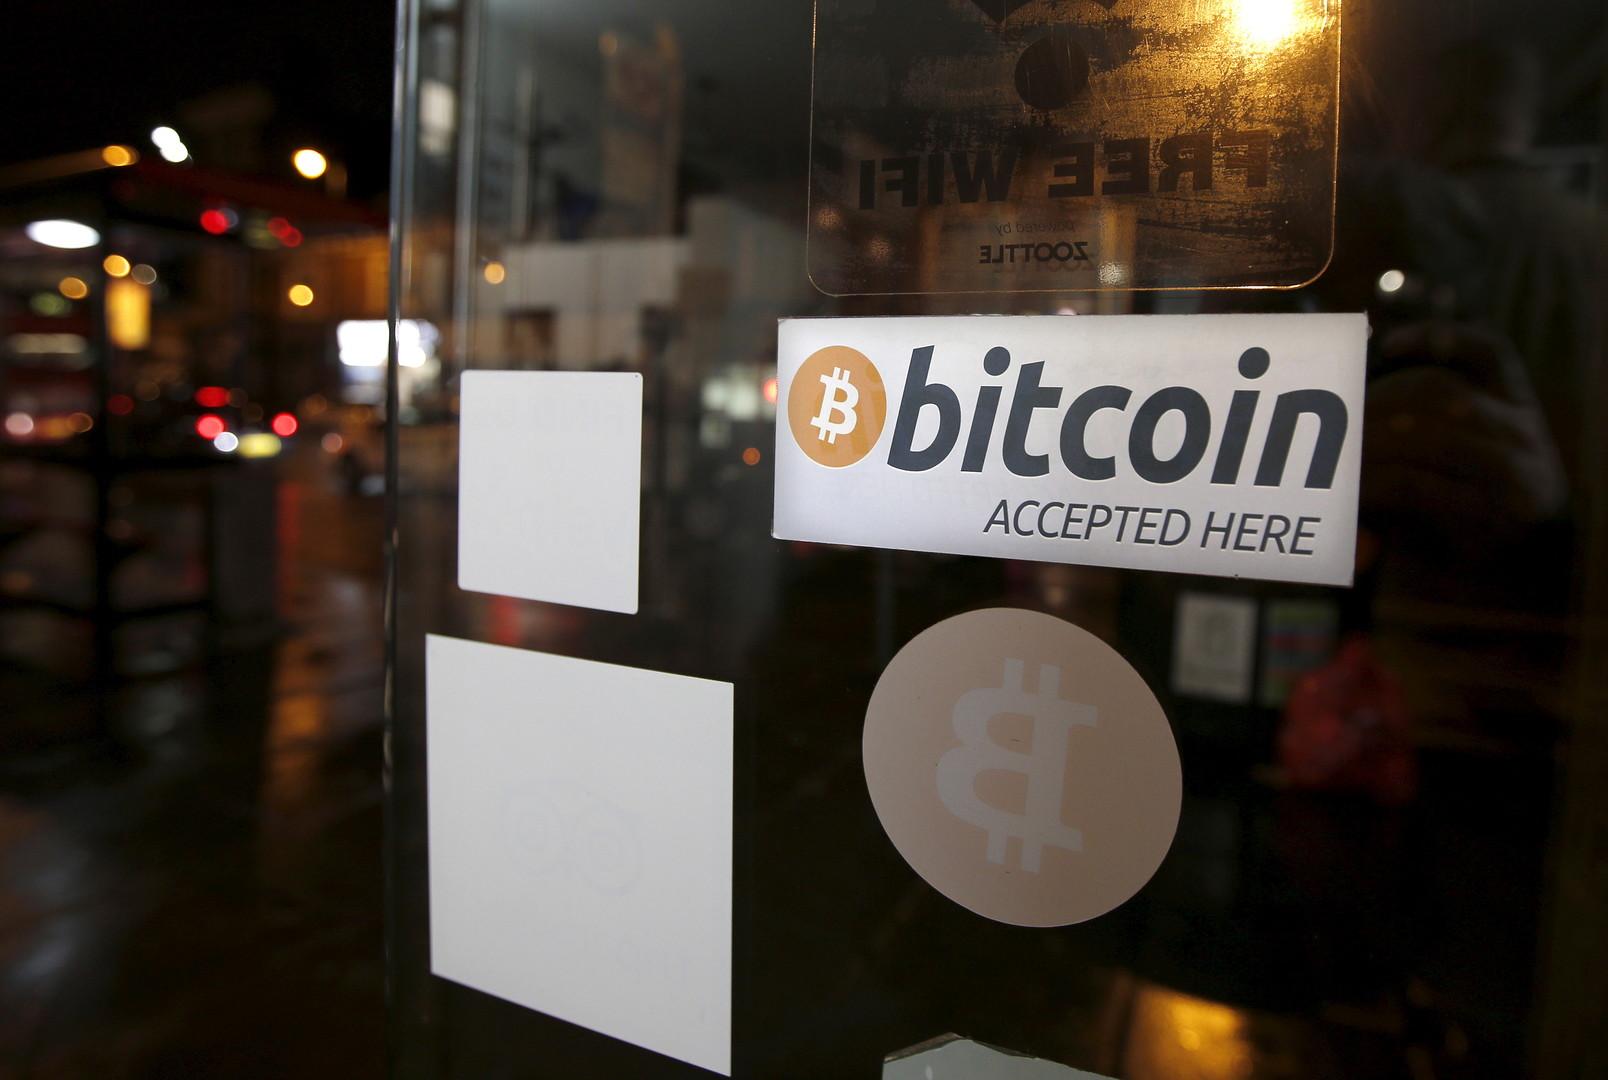 Le bitcoin fait son entrée à la Bourse de Stockholm